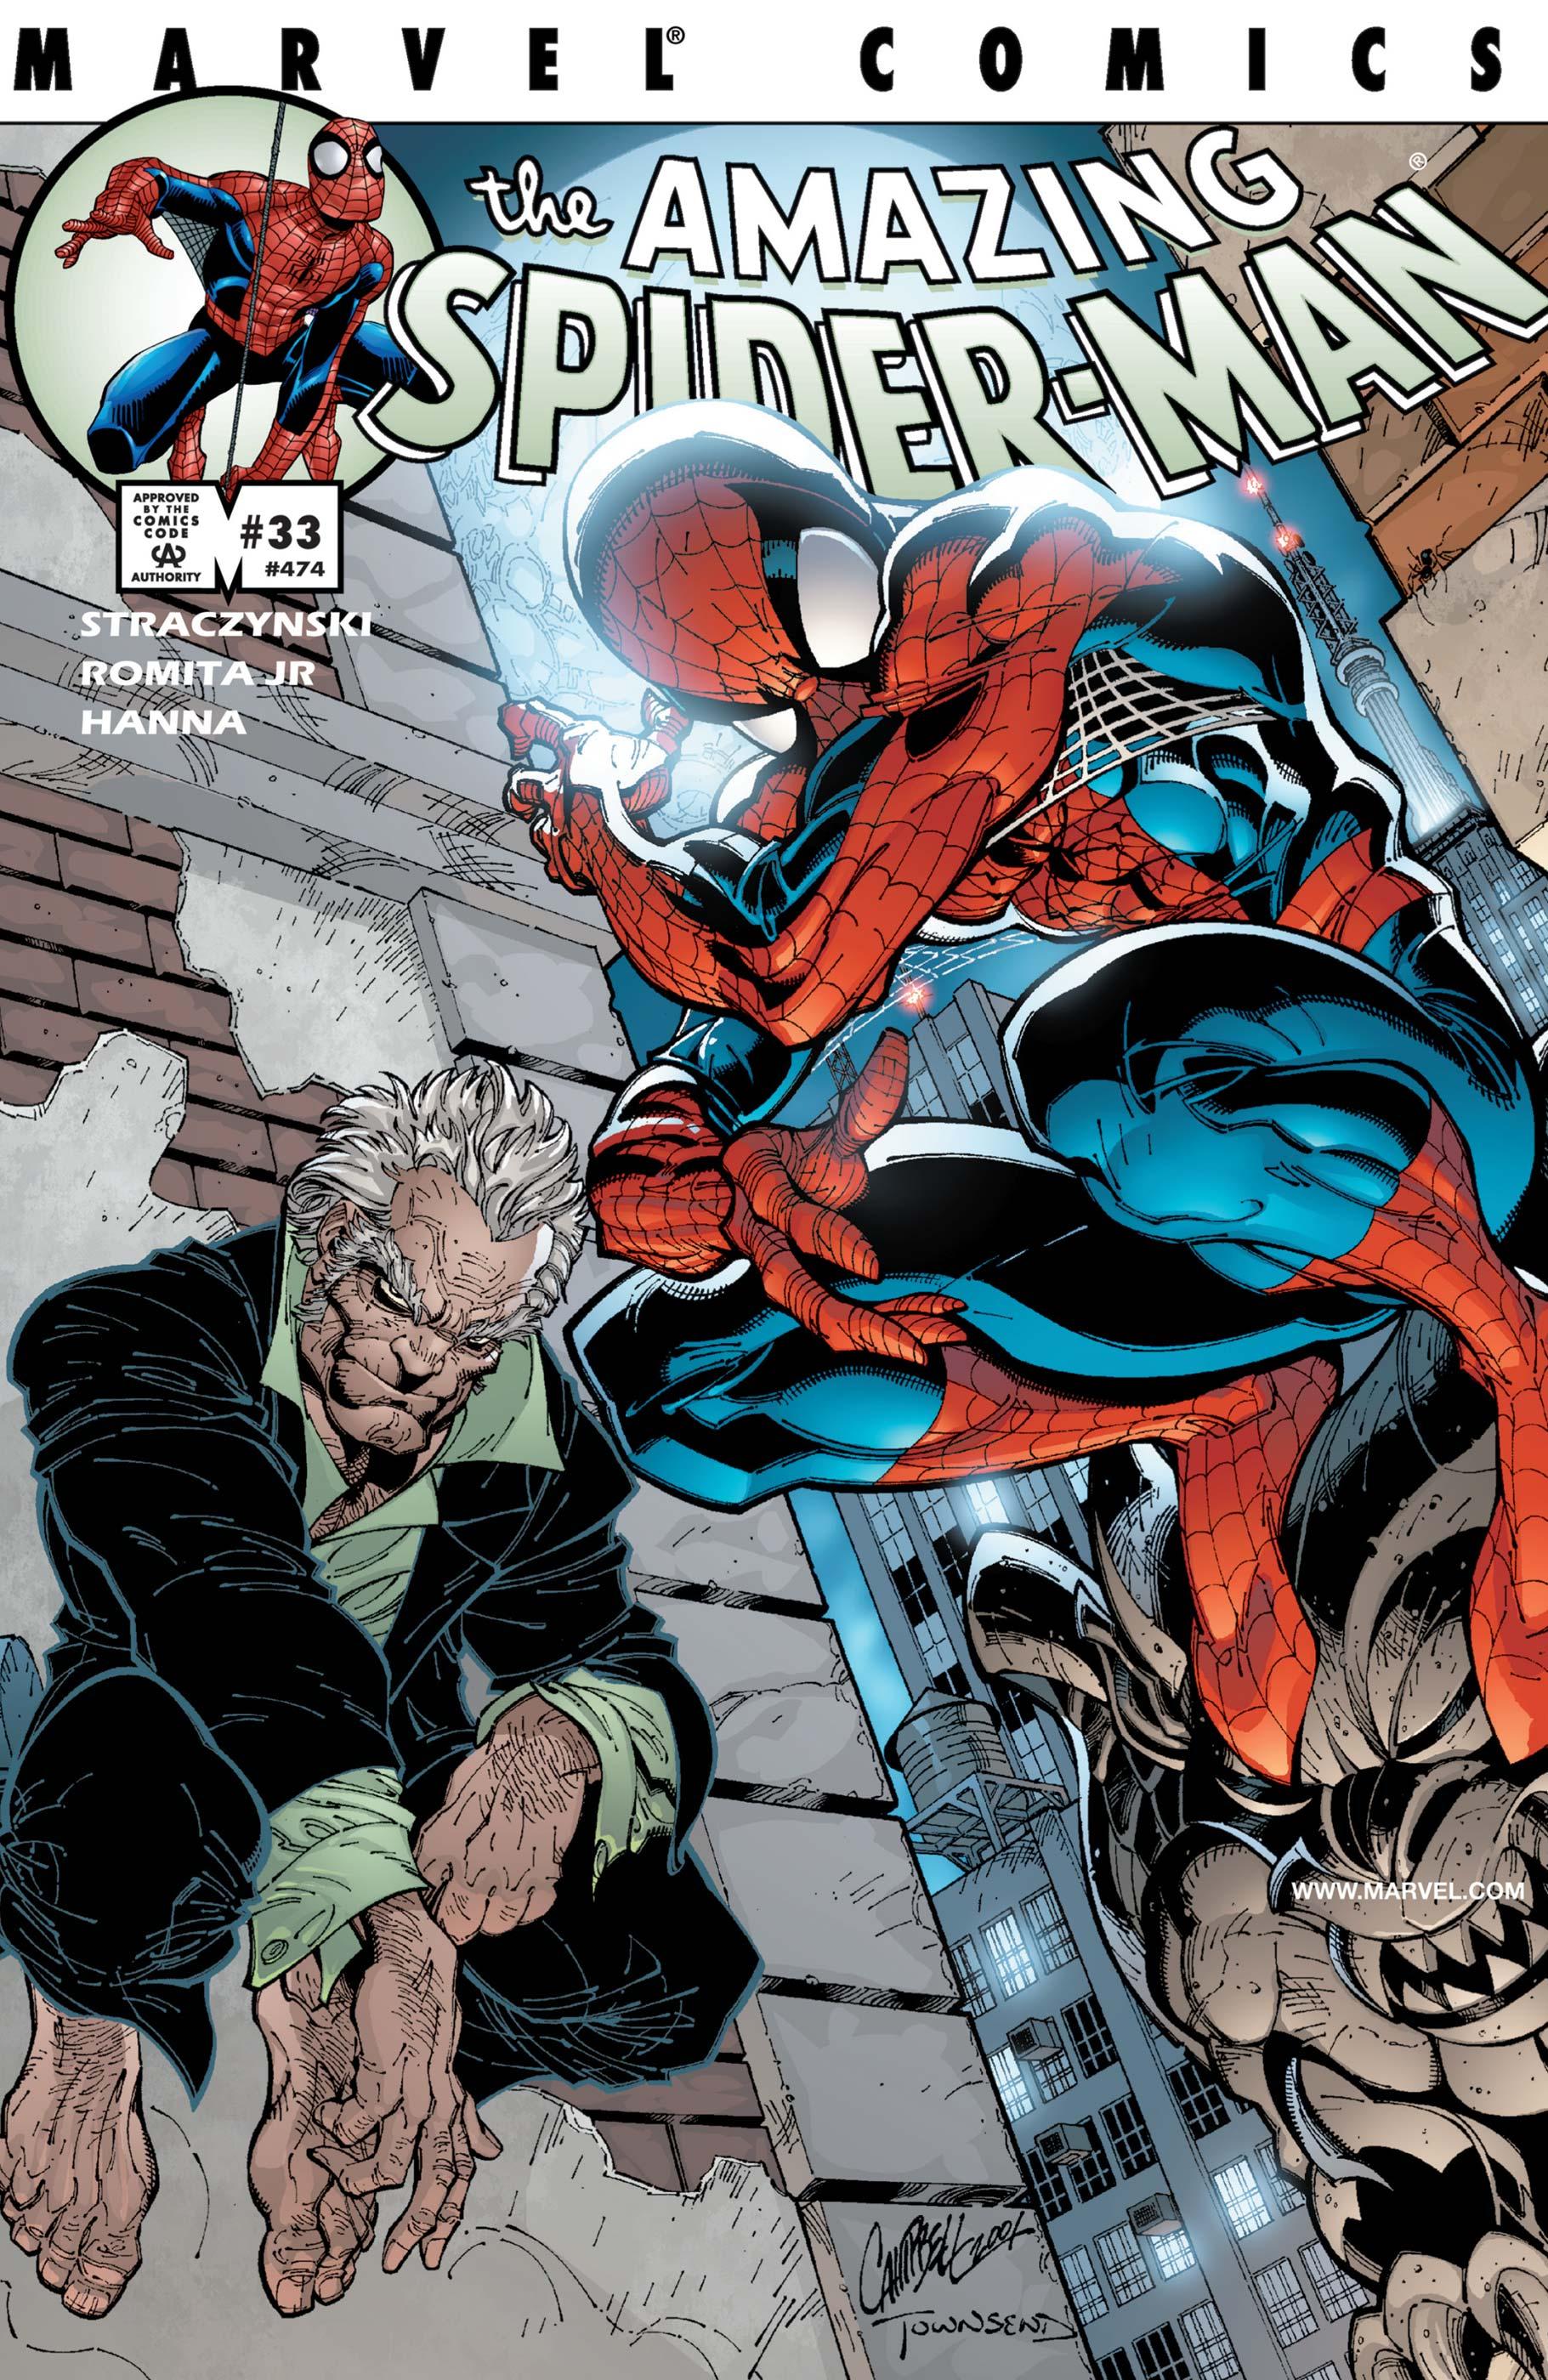 Amazing Spider-Man (1999) #33